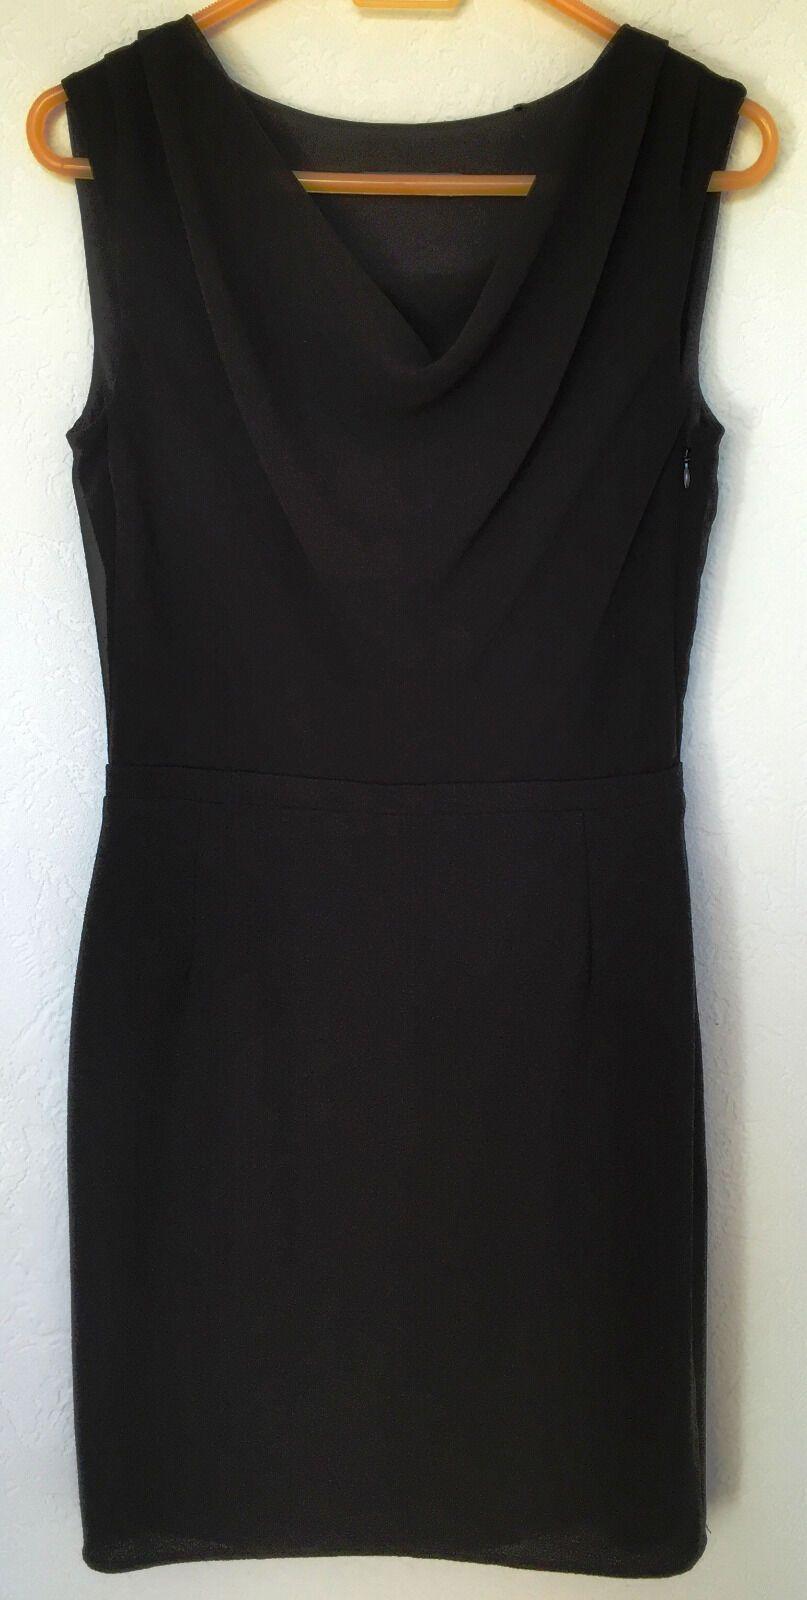 Details zu Esprit Kleid , Schwarz, Neu!Top | Kleider